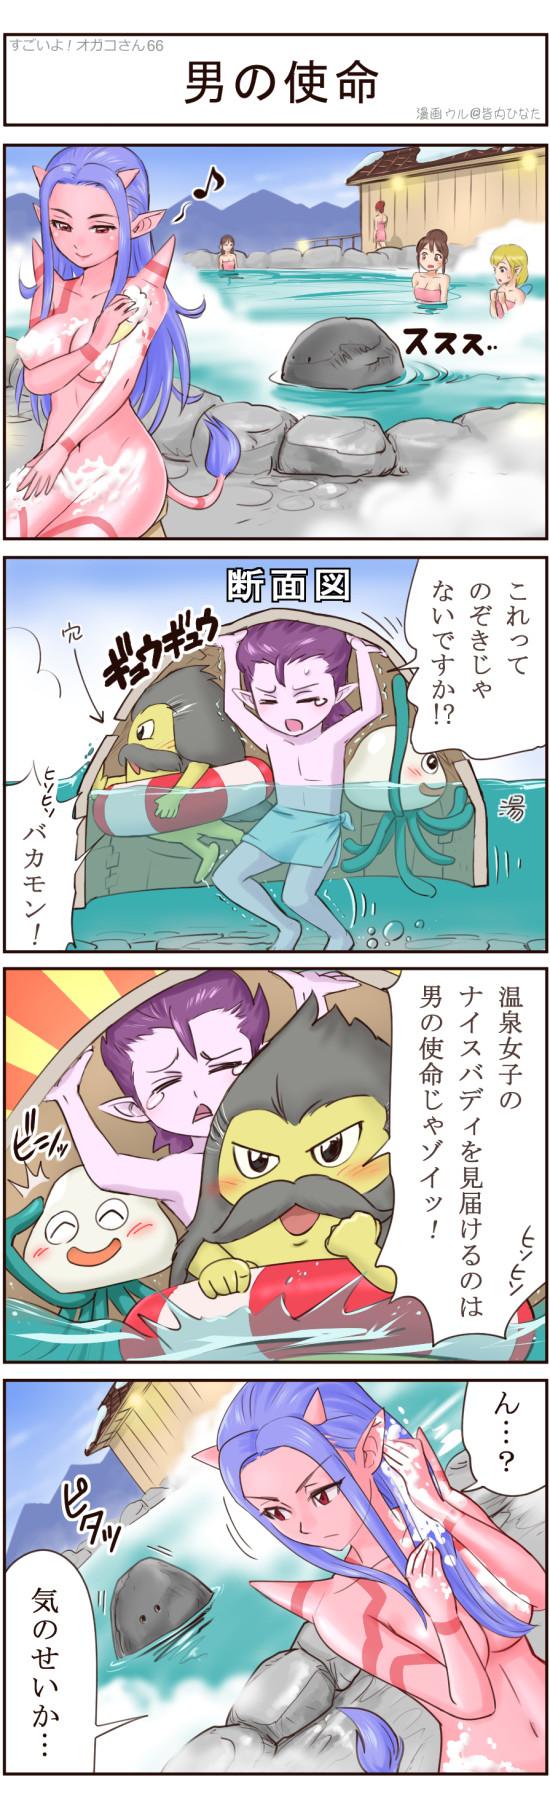 DQX4コマ漫画すごいよ!オガコさん第66話「男の使命」皆内ひなた